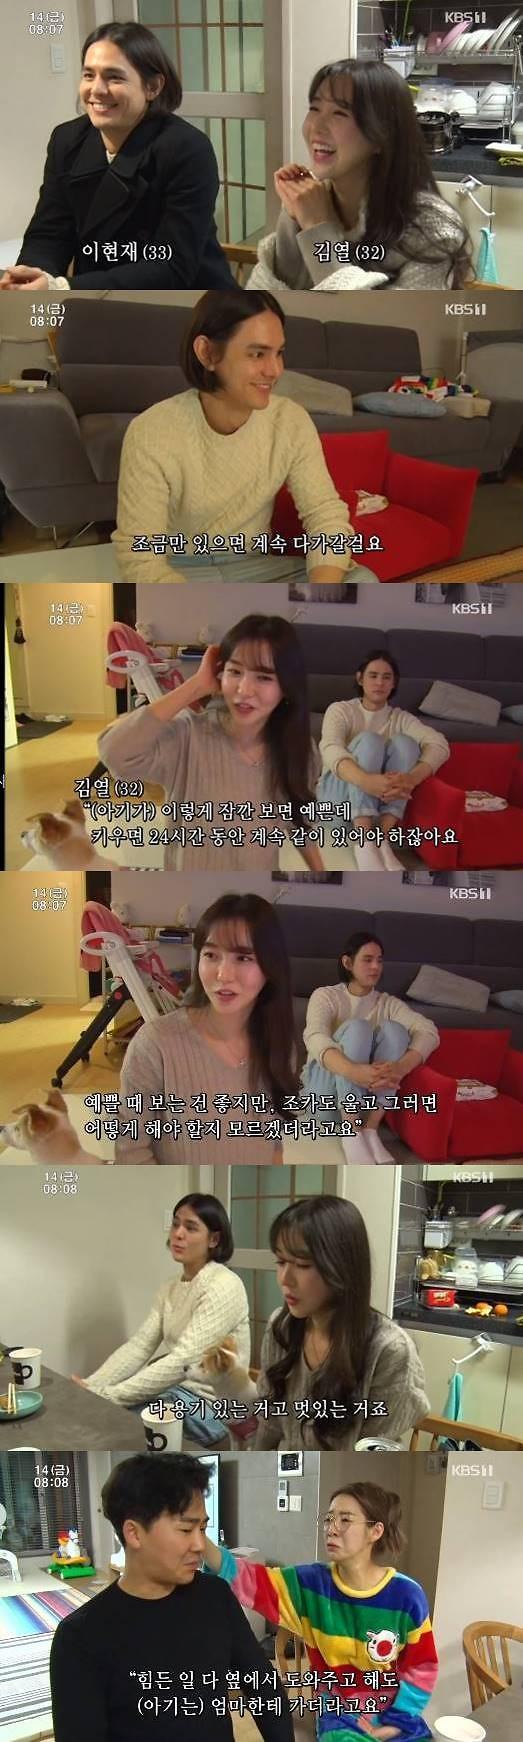 인간극장, 안소미 육아에 이현재 김열 부부가 한 말은?